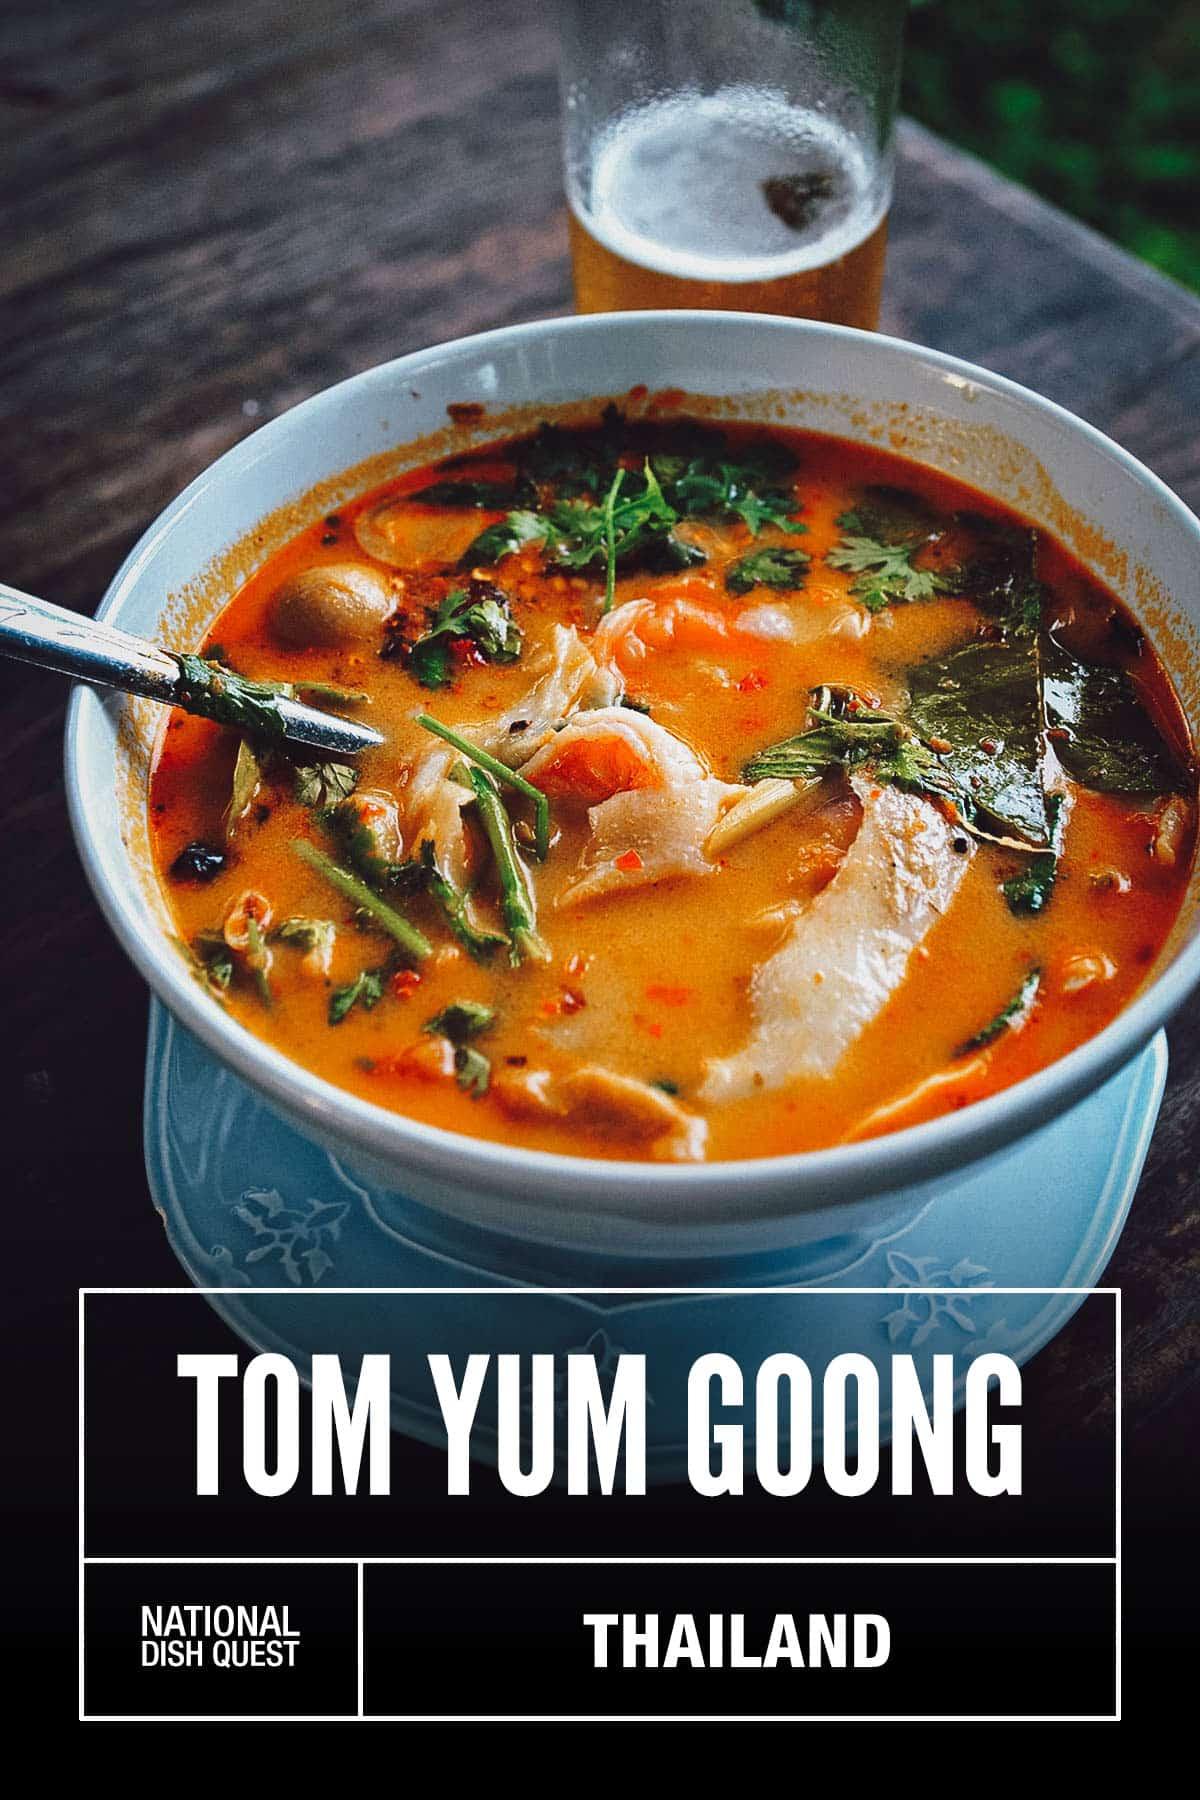 Bowl of tom yum goong